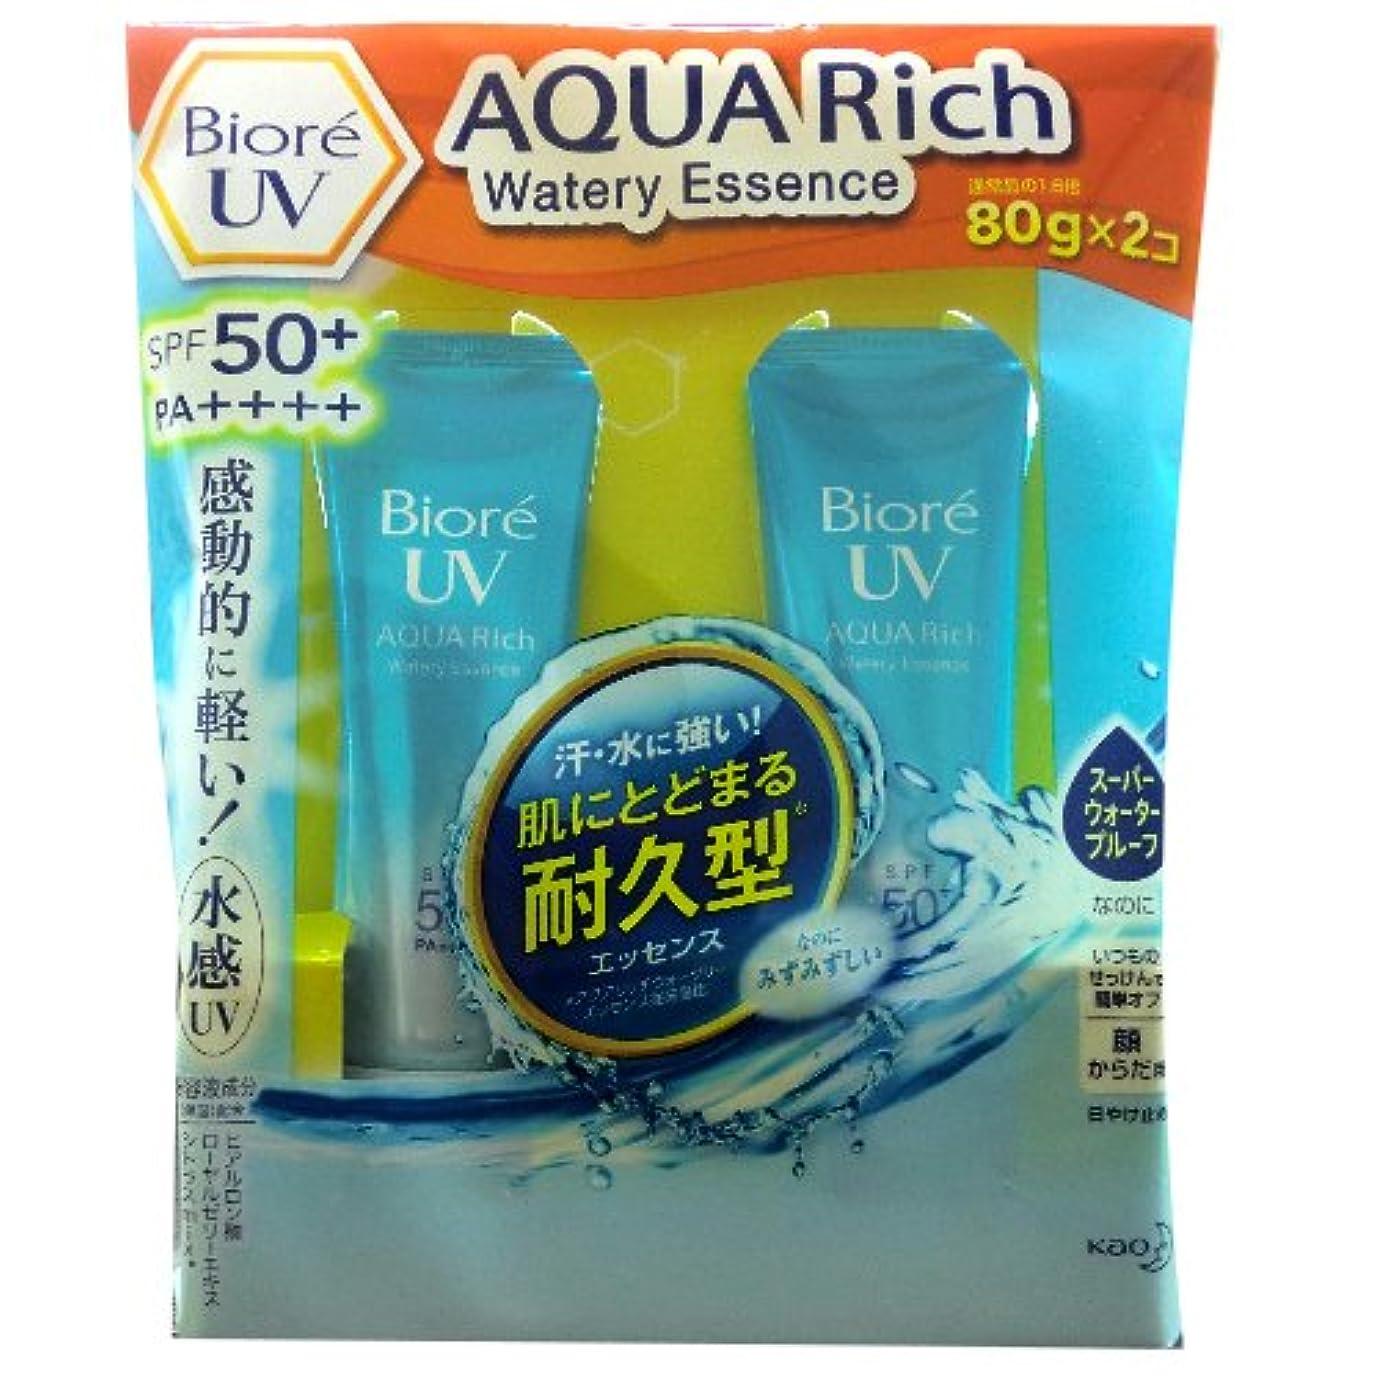 合わせて法的ミリメートルBiore UV AQUA Rich Watery Essence 80g×2コ